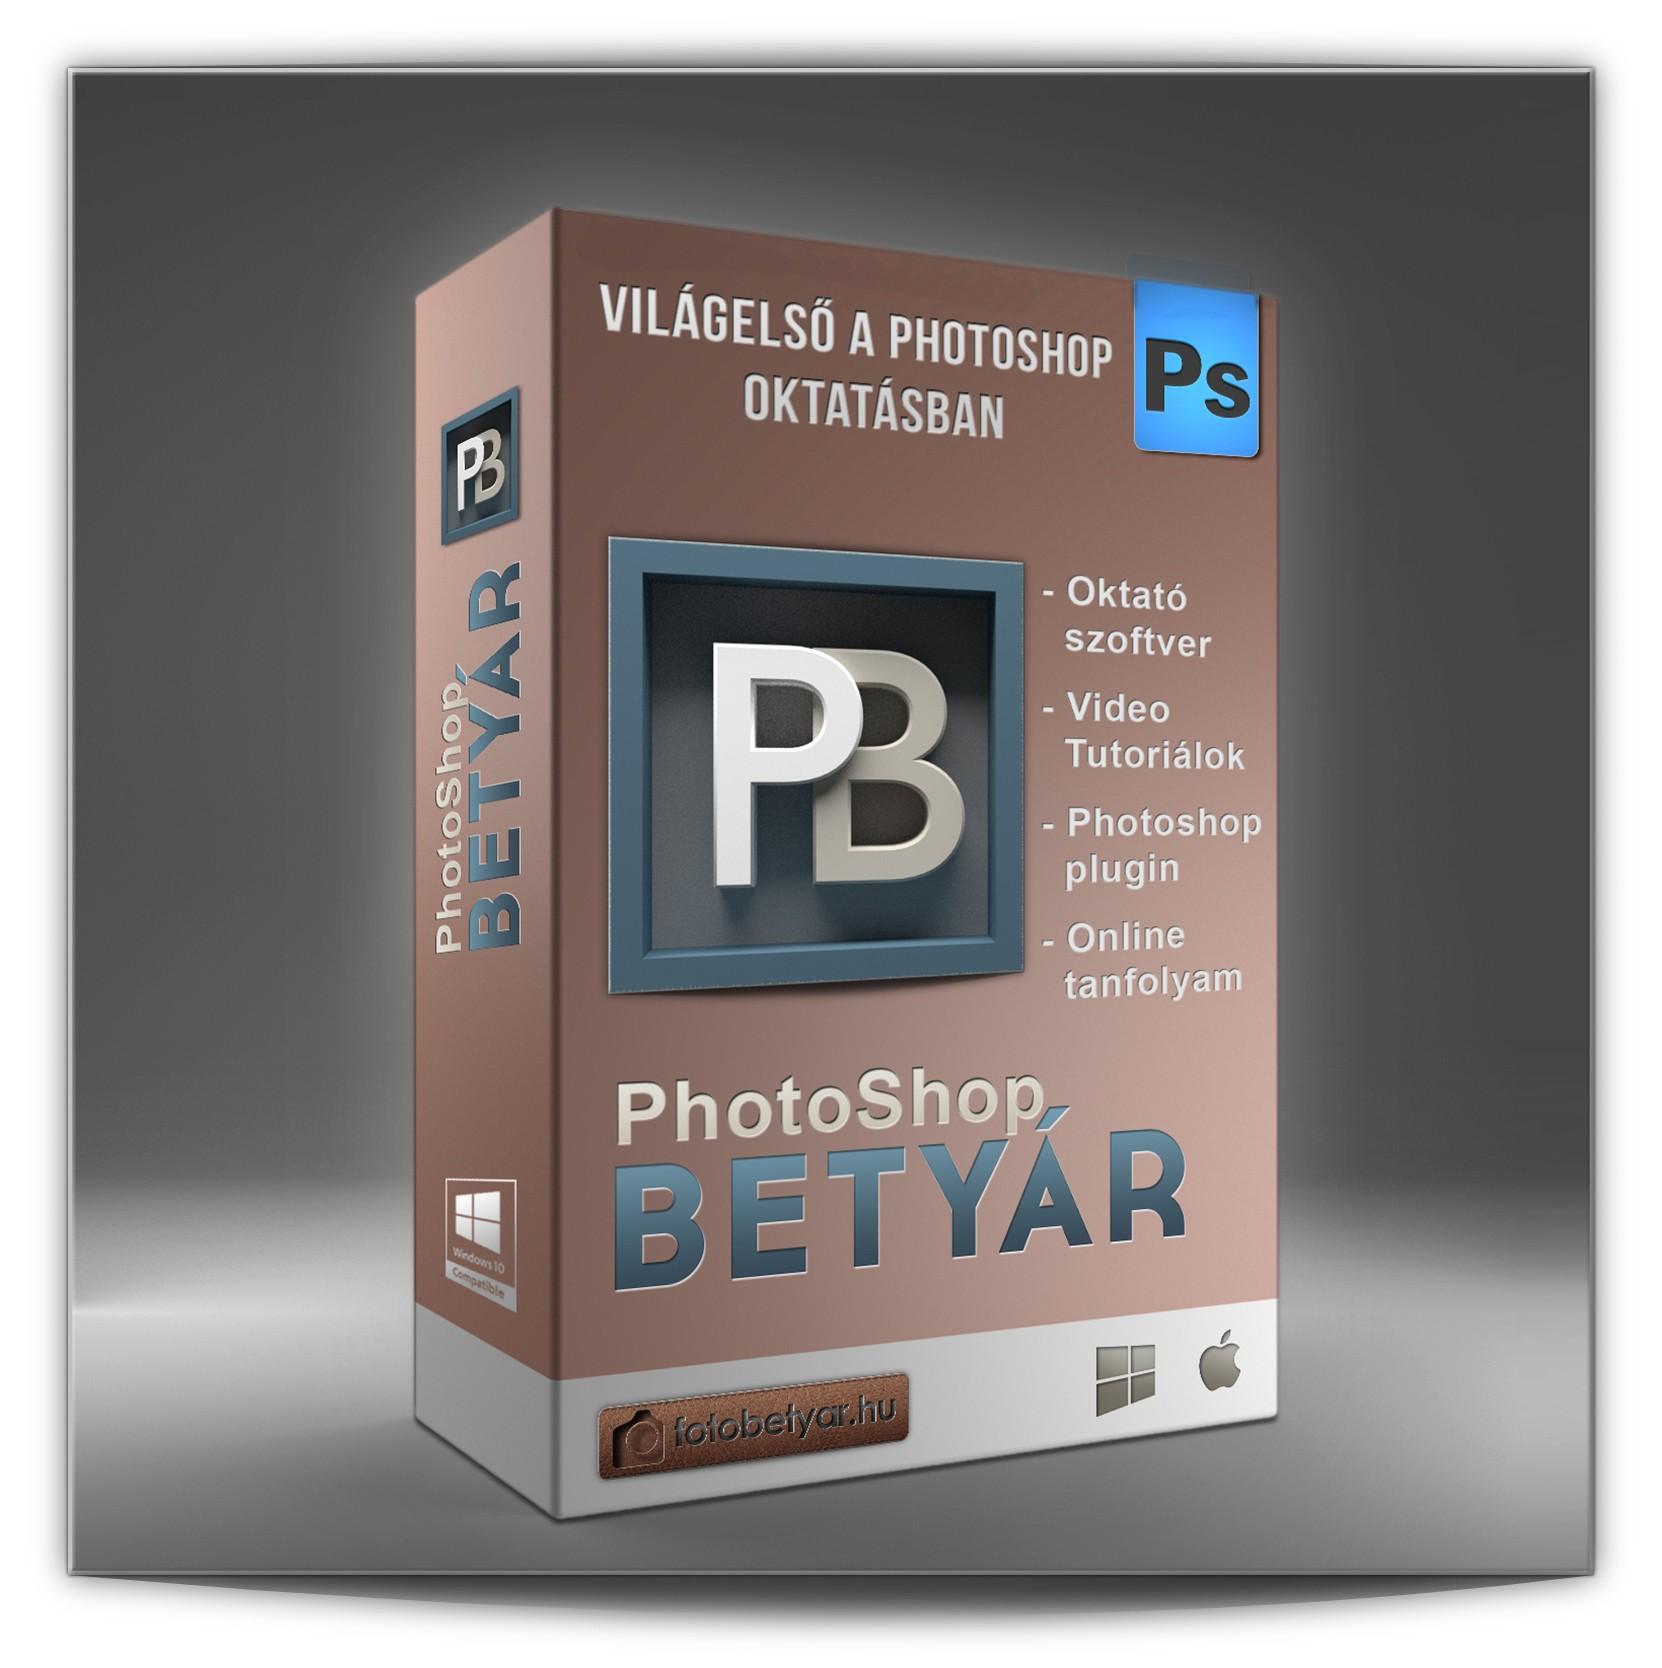 31f2b6091bb4 Photoshop Oktató Szoftver - Fotó Utómunka a Legprofibb megoldással